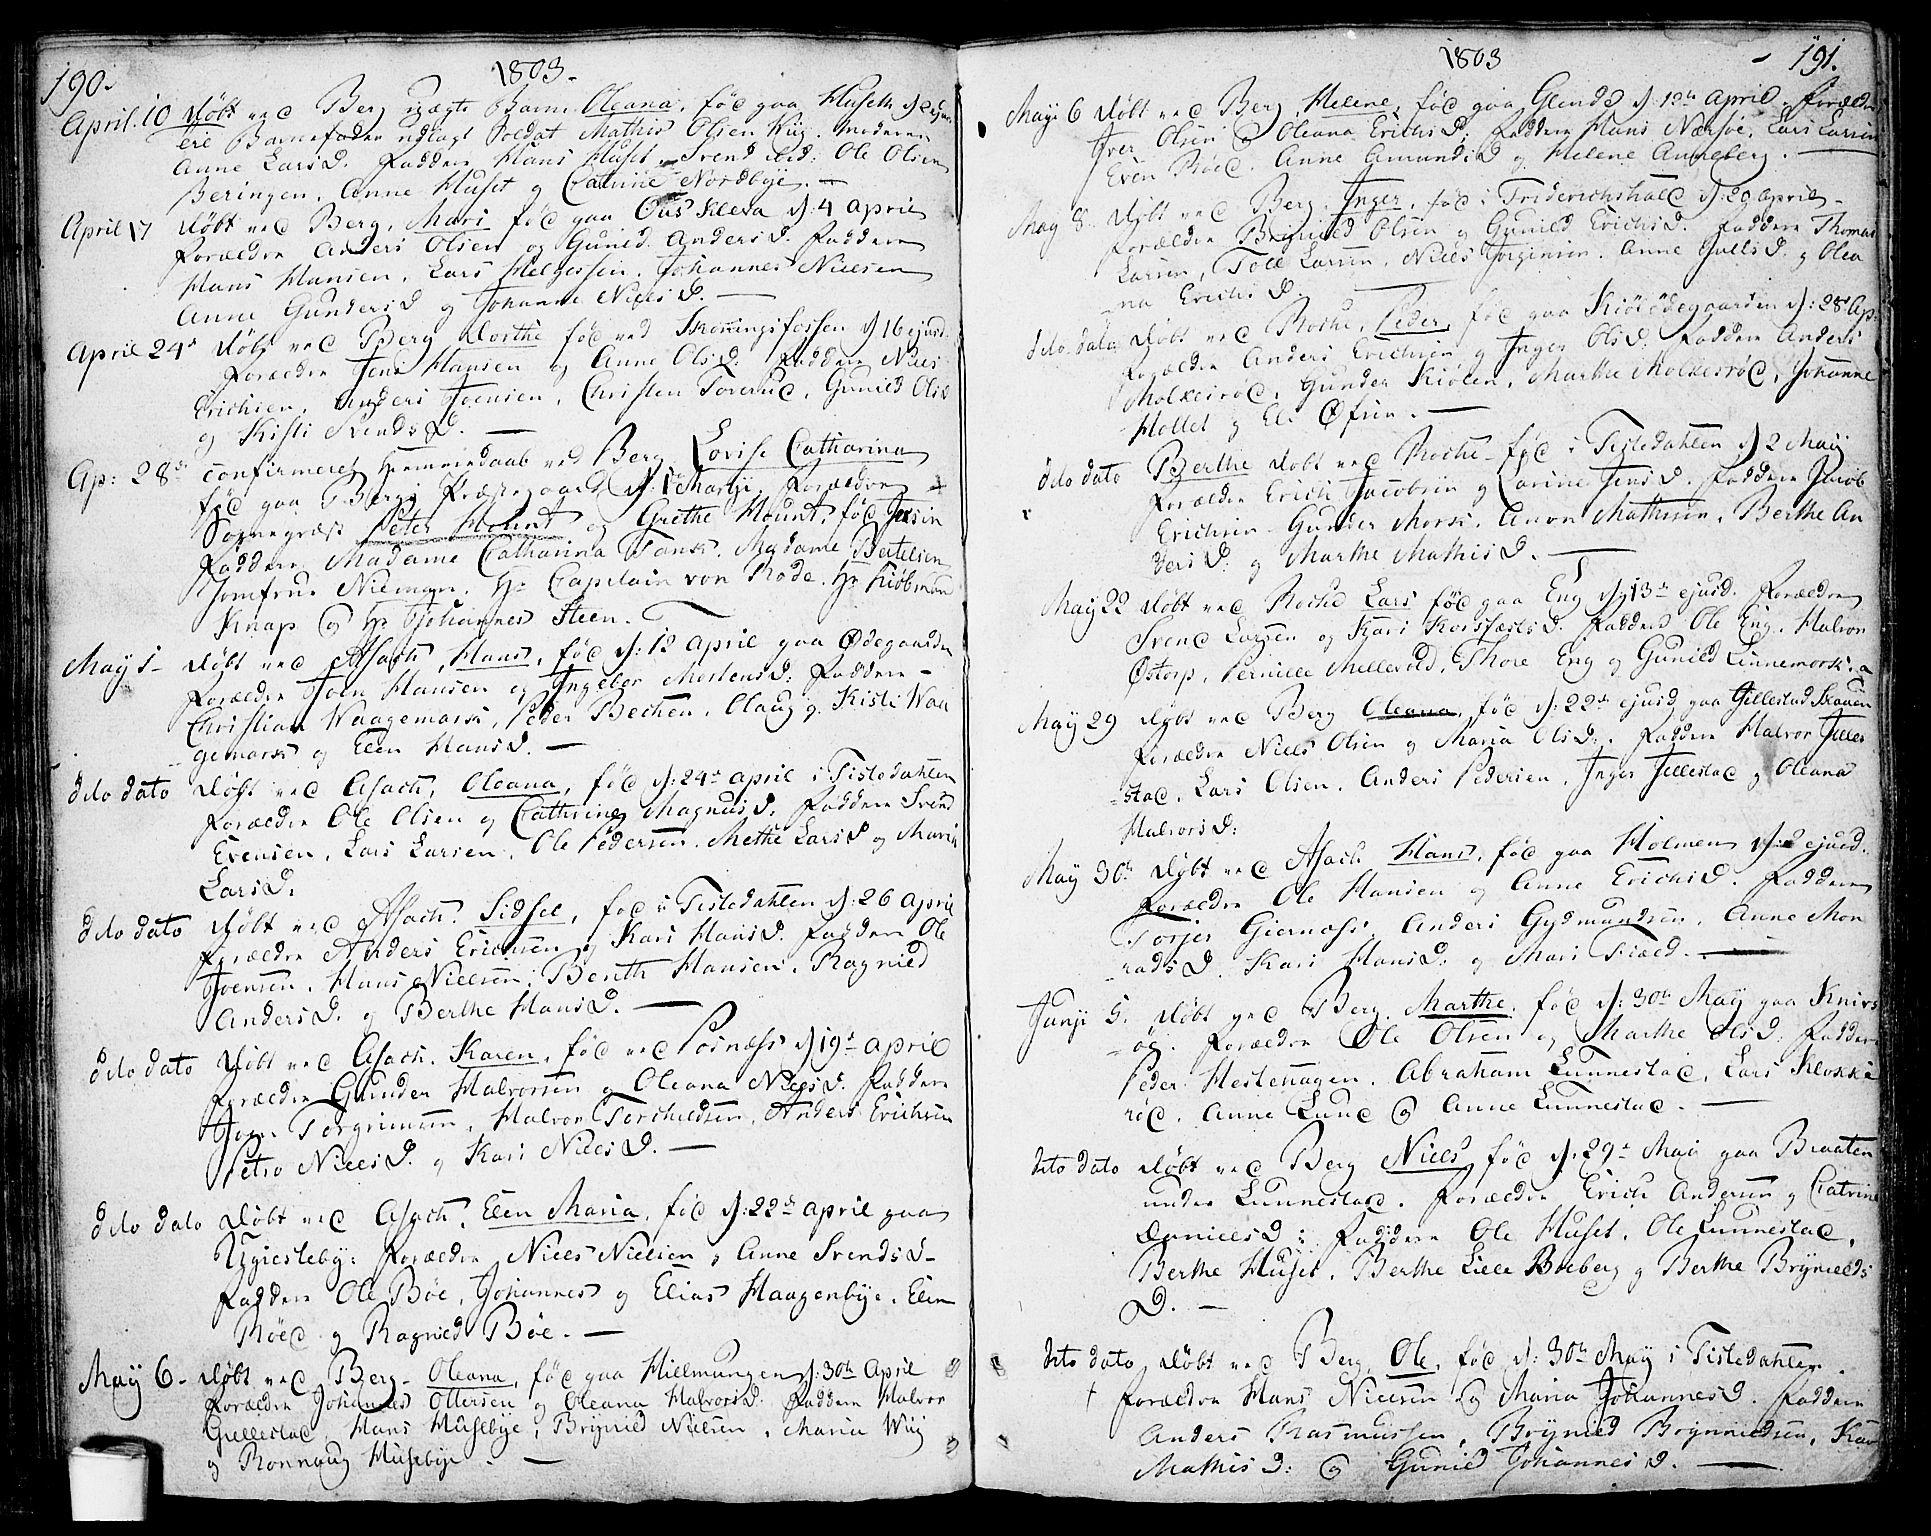 SAO, Berg prestekontor Kirkebøker, F/Fa/L0001: Ministerialbok nr. I 1, 1770-1814, s. 190-191